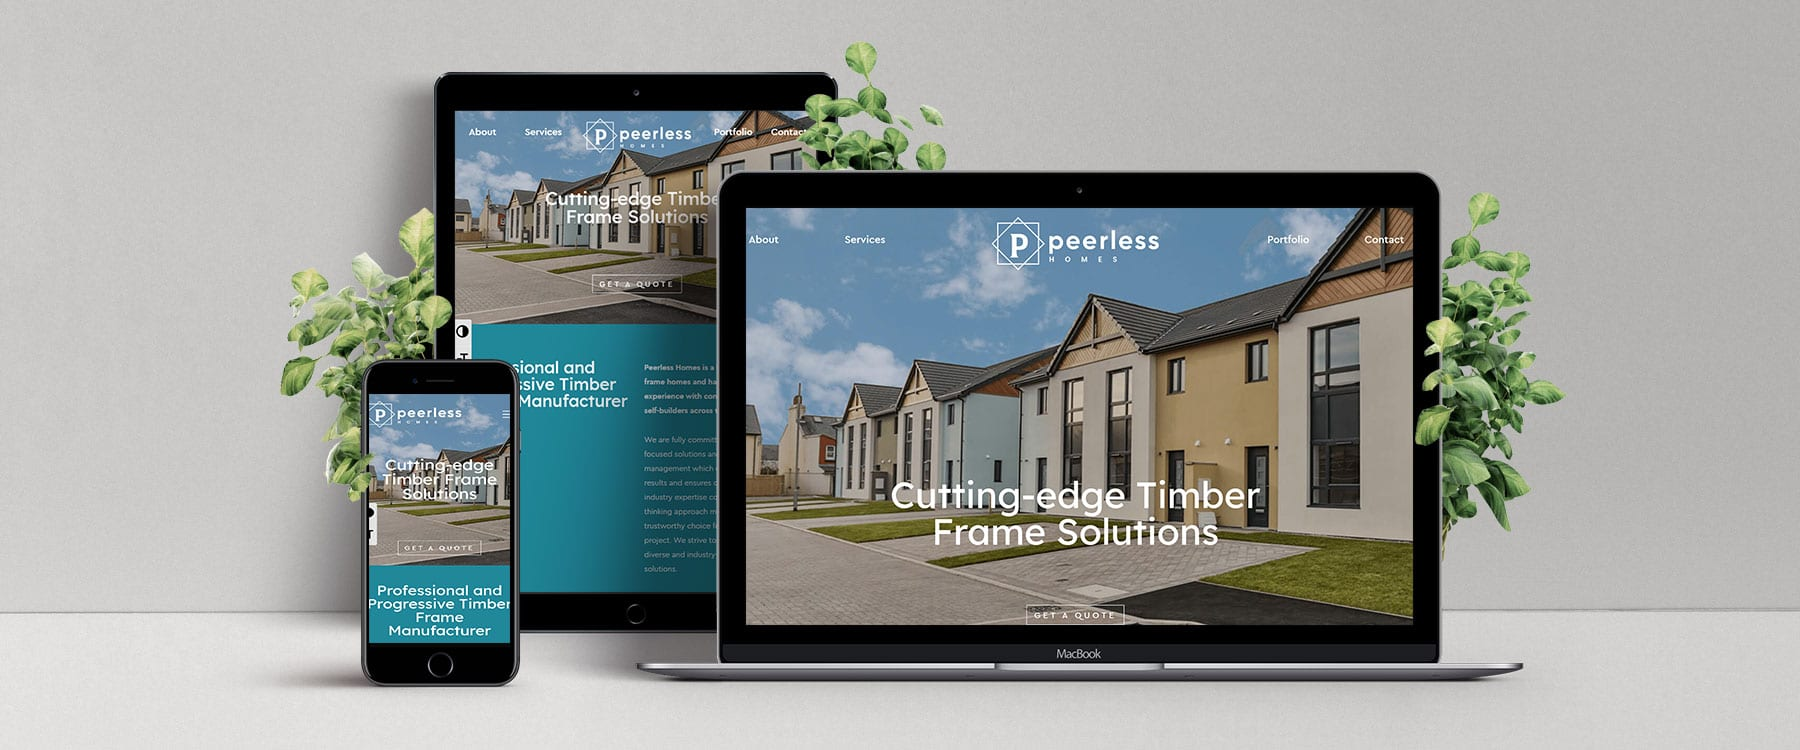 Sleek, engaging new website for Peerless Homes Image